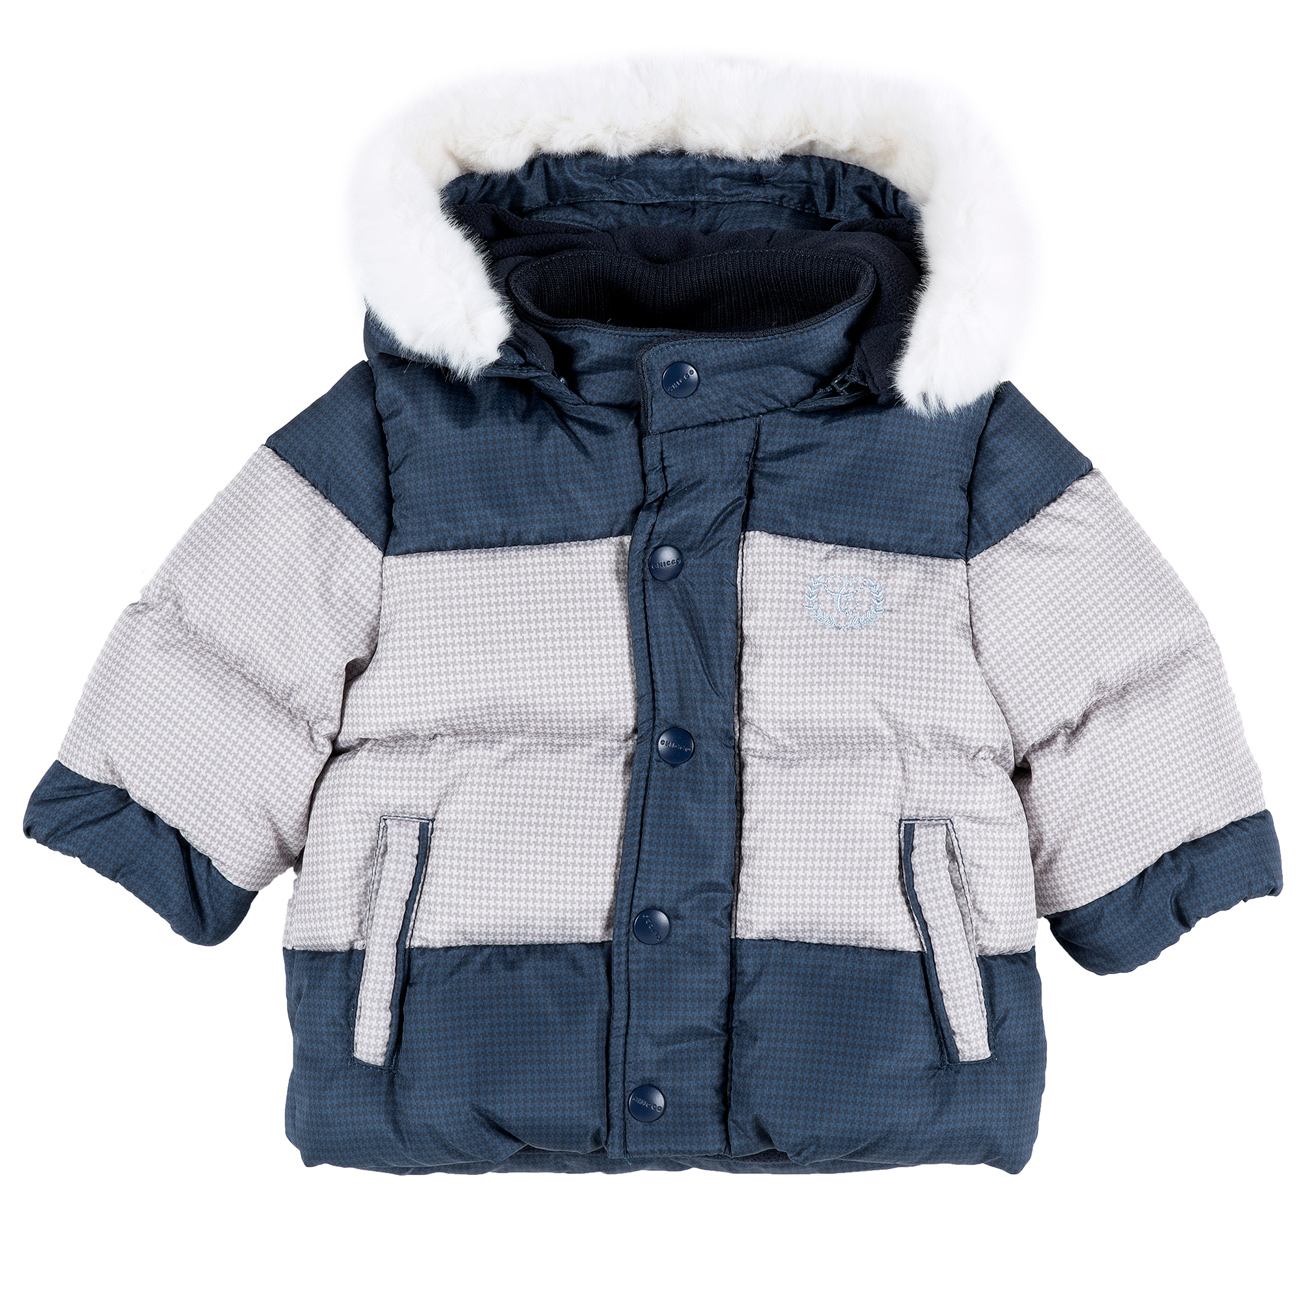 Jacheta copii Chicco, albastru